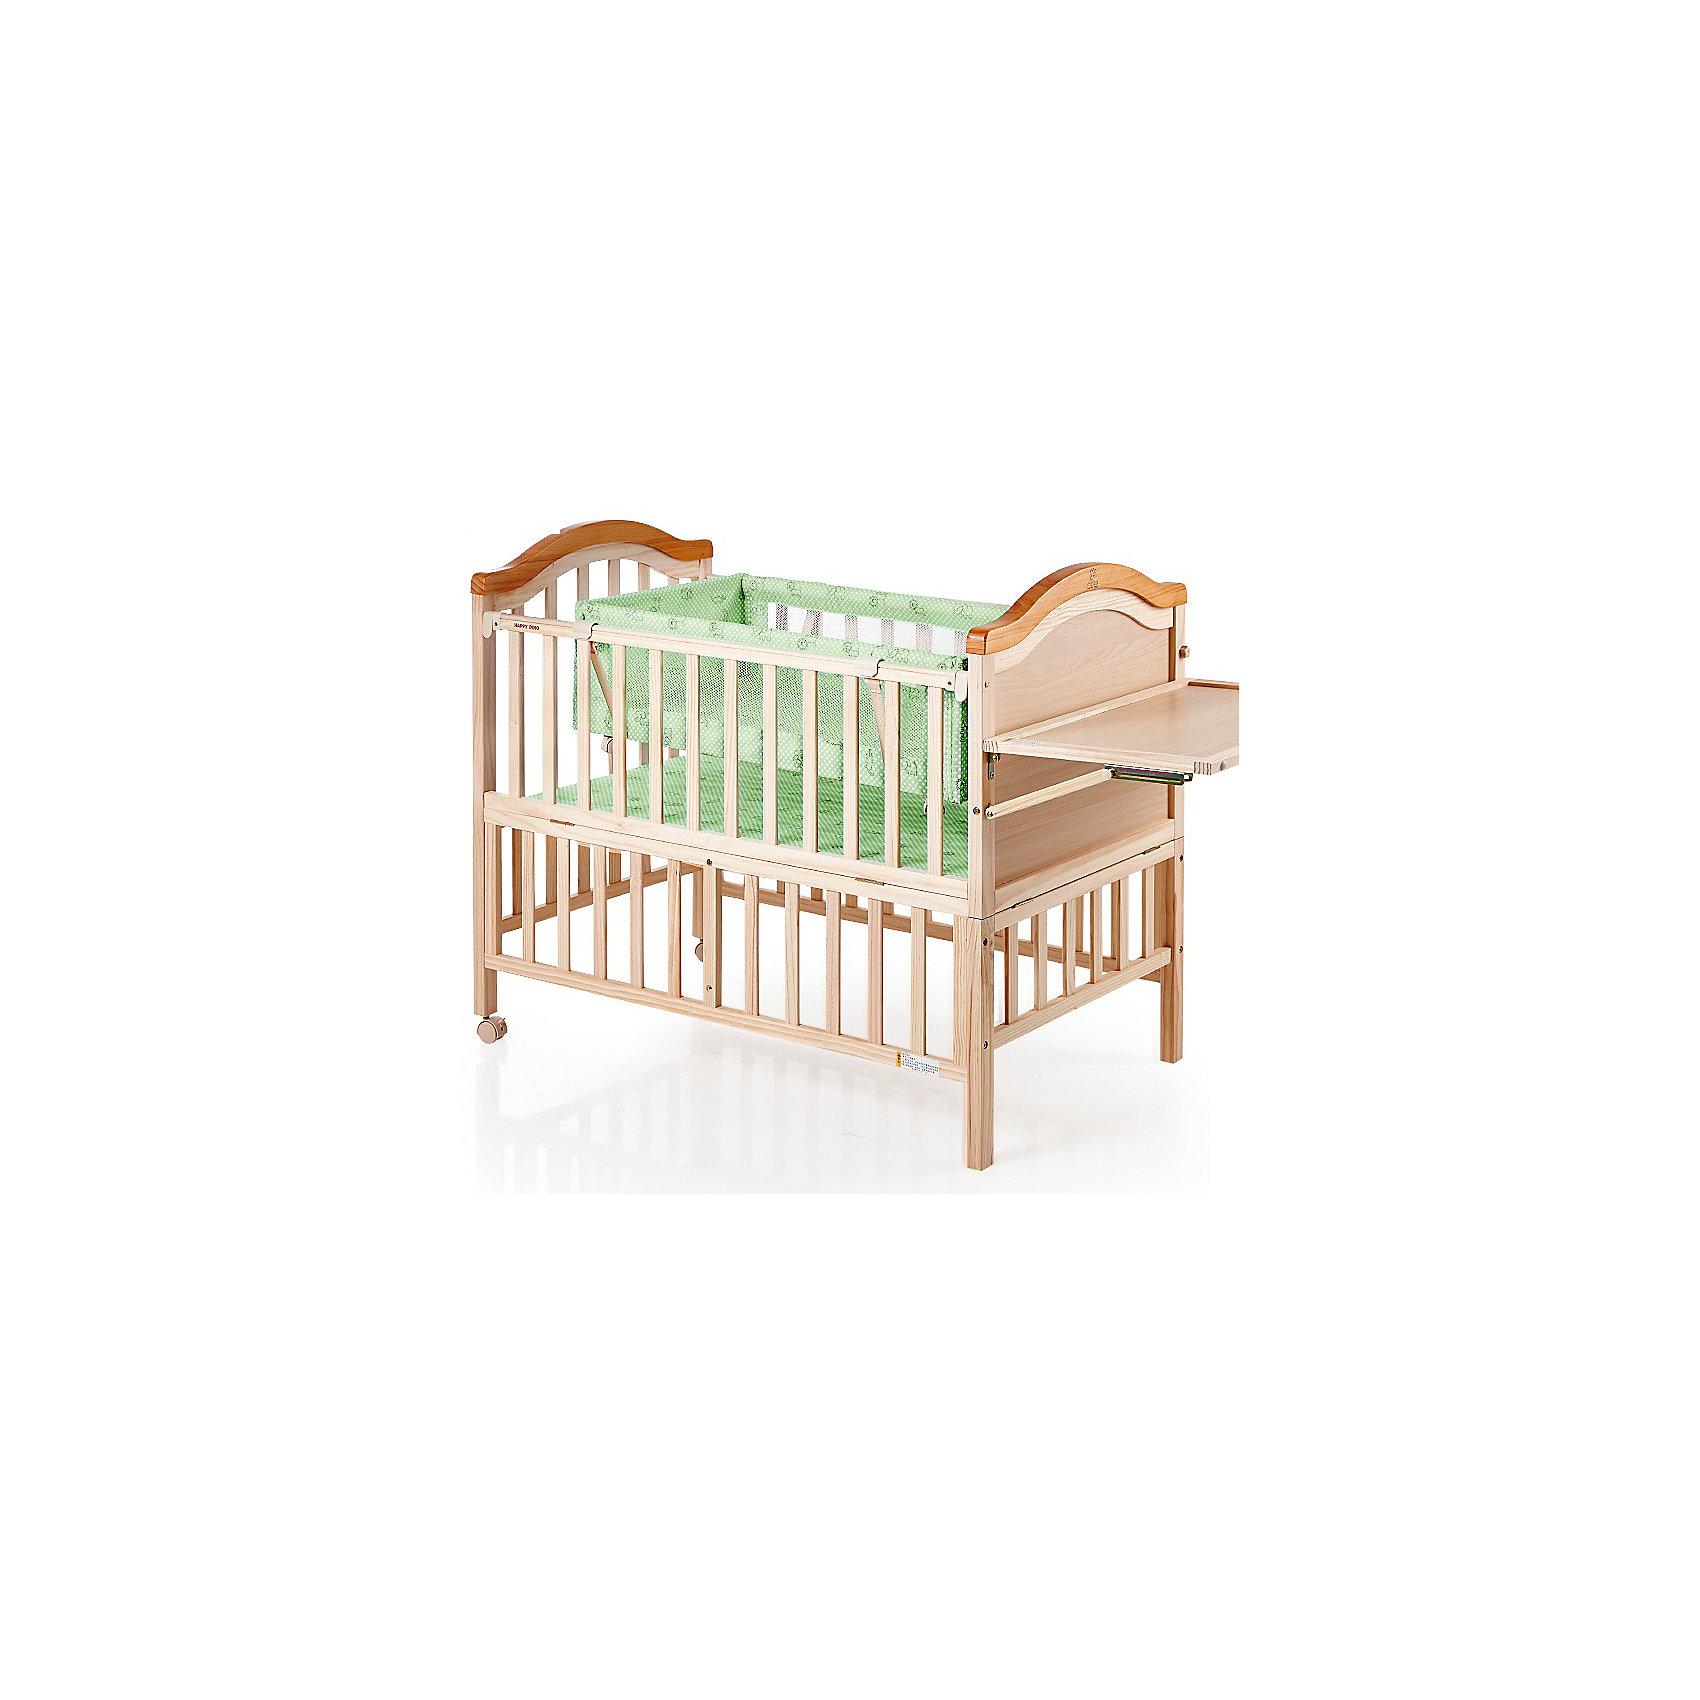 Кроватка LMY632HA (H453), Geoby, зеленыйКроватки<br>Изящная, продуманная до мелочей конструкция кровати Geoby LMY 632 прослужит Вам долго, так как может трансформироваться в подростковую кроватку.<br><br>Края кроватки LMY 632 сглажены, без выступающих углов, что предотвращает непроизвольные травмы у малышей. Хорошо прилегающие закрытые шурупы и болты обеспечивают отсутствие царапин и мелких травм у детей.<br><br>Характеристики кроватки LMY 632:<br>Кроватка выполнена из дерева (сосна).<br>Откидная боковая спинка.<br>Безопасное расстояние между ламелями.<br>Размер в разложенном виде: 1430 х 680 х 875 мм.<br><br>В комплекте: матрас, балдахин, люлька.<br><br>Ширина мм: 1180<br>Глубина мм: 235<br>Высота мм: 780<br>Вес г: 25500<br>Возраст от месяцев: 0<br>Возраст до месяцев: 84<br>Пол: Унисекс<br>Возраст: Детский<br>SKU: 5142380